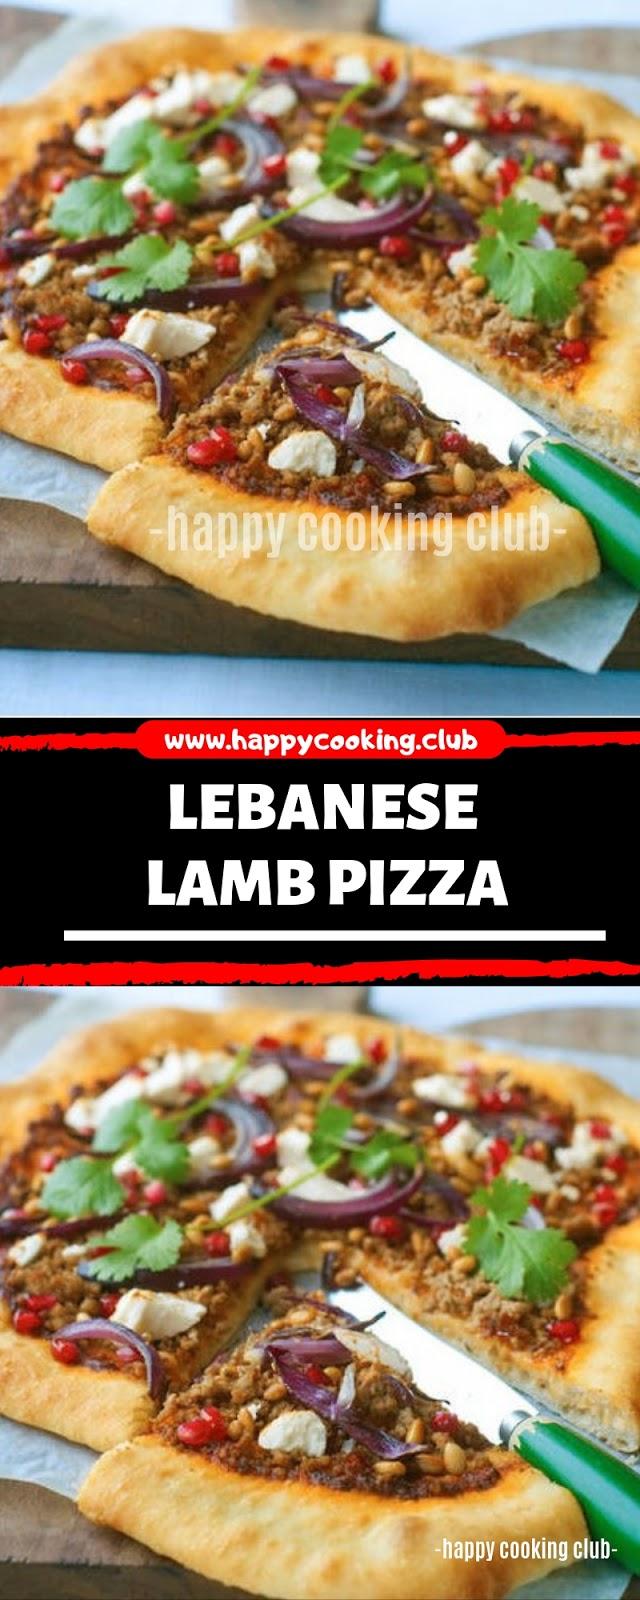 LEBANESE LAMB PIZZA